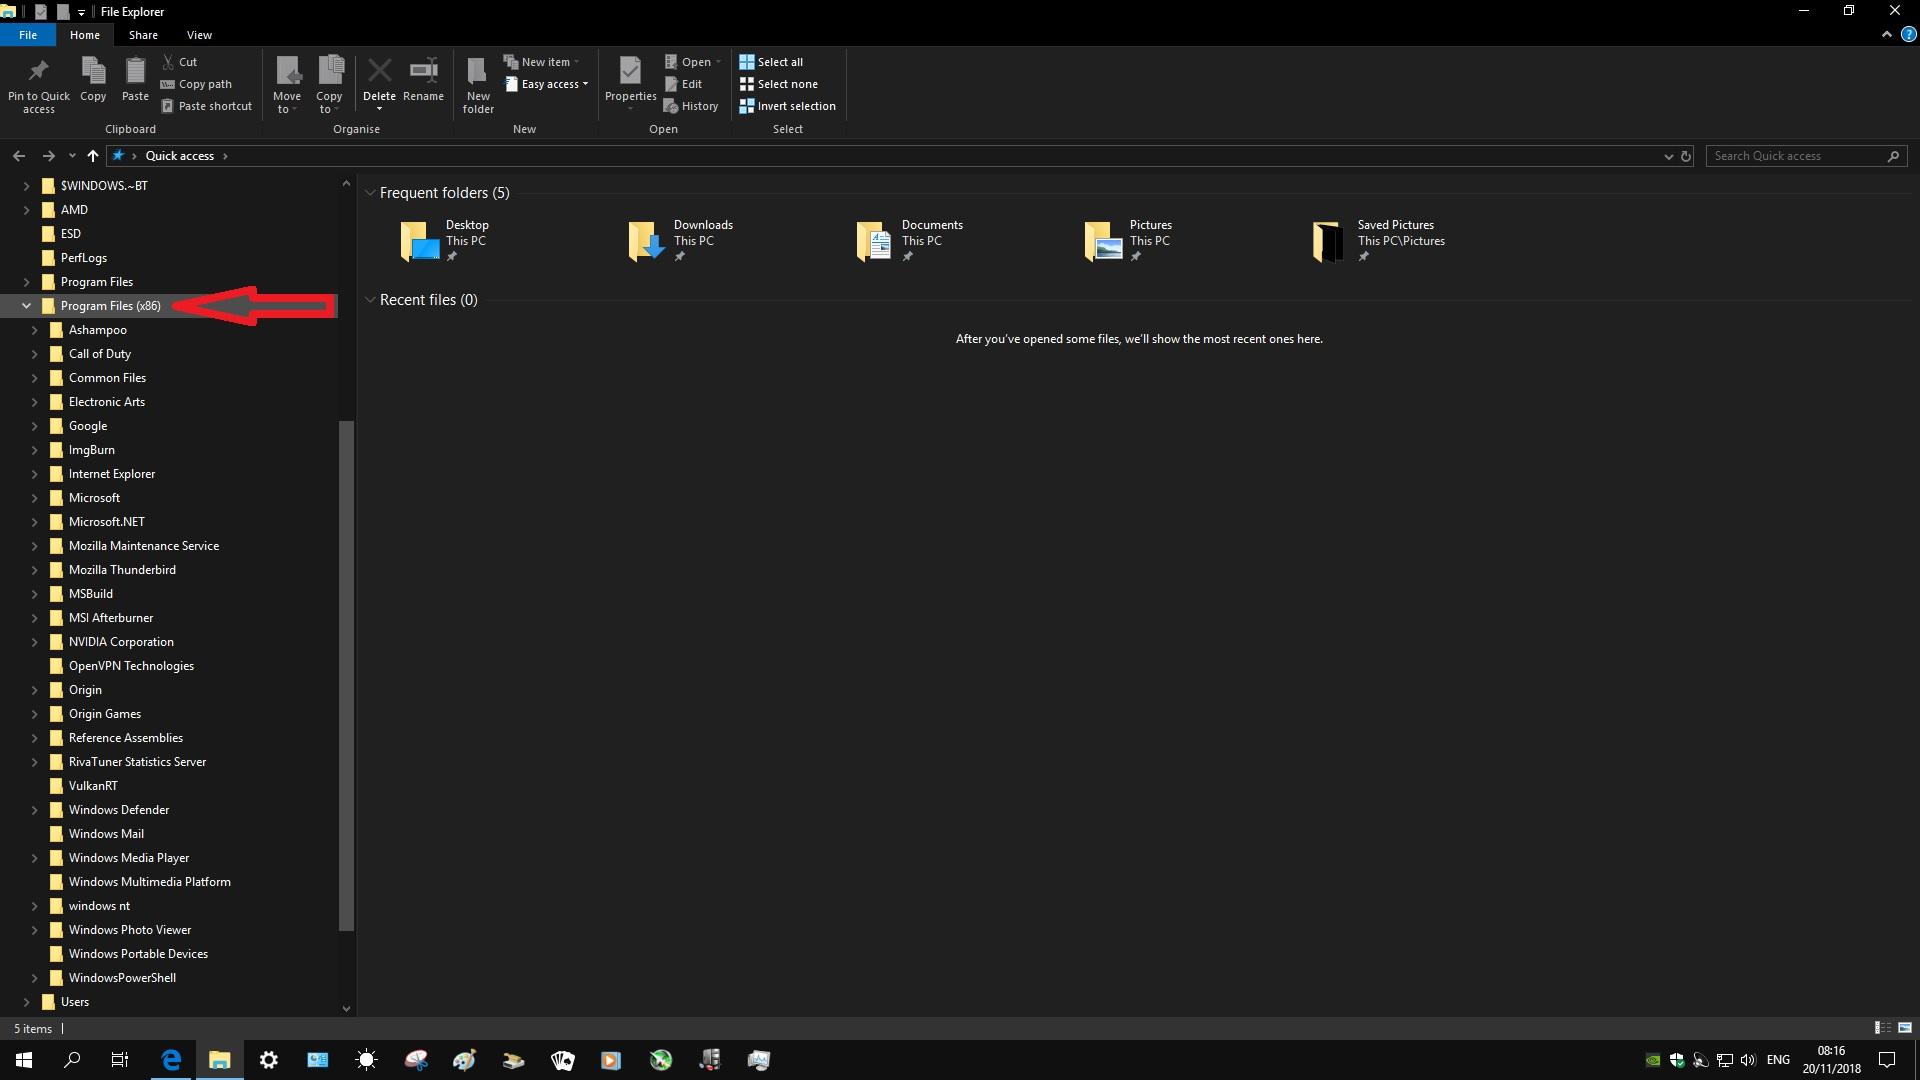 program files.jpg